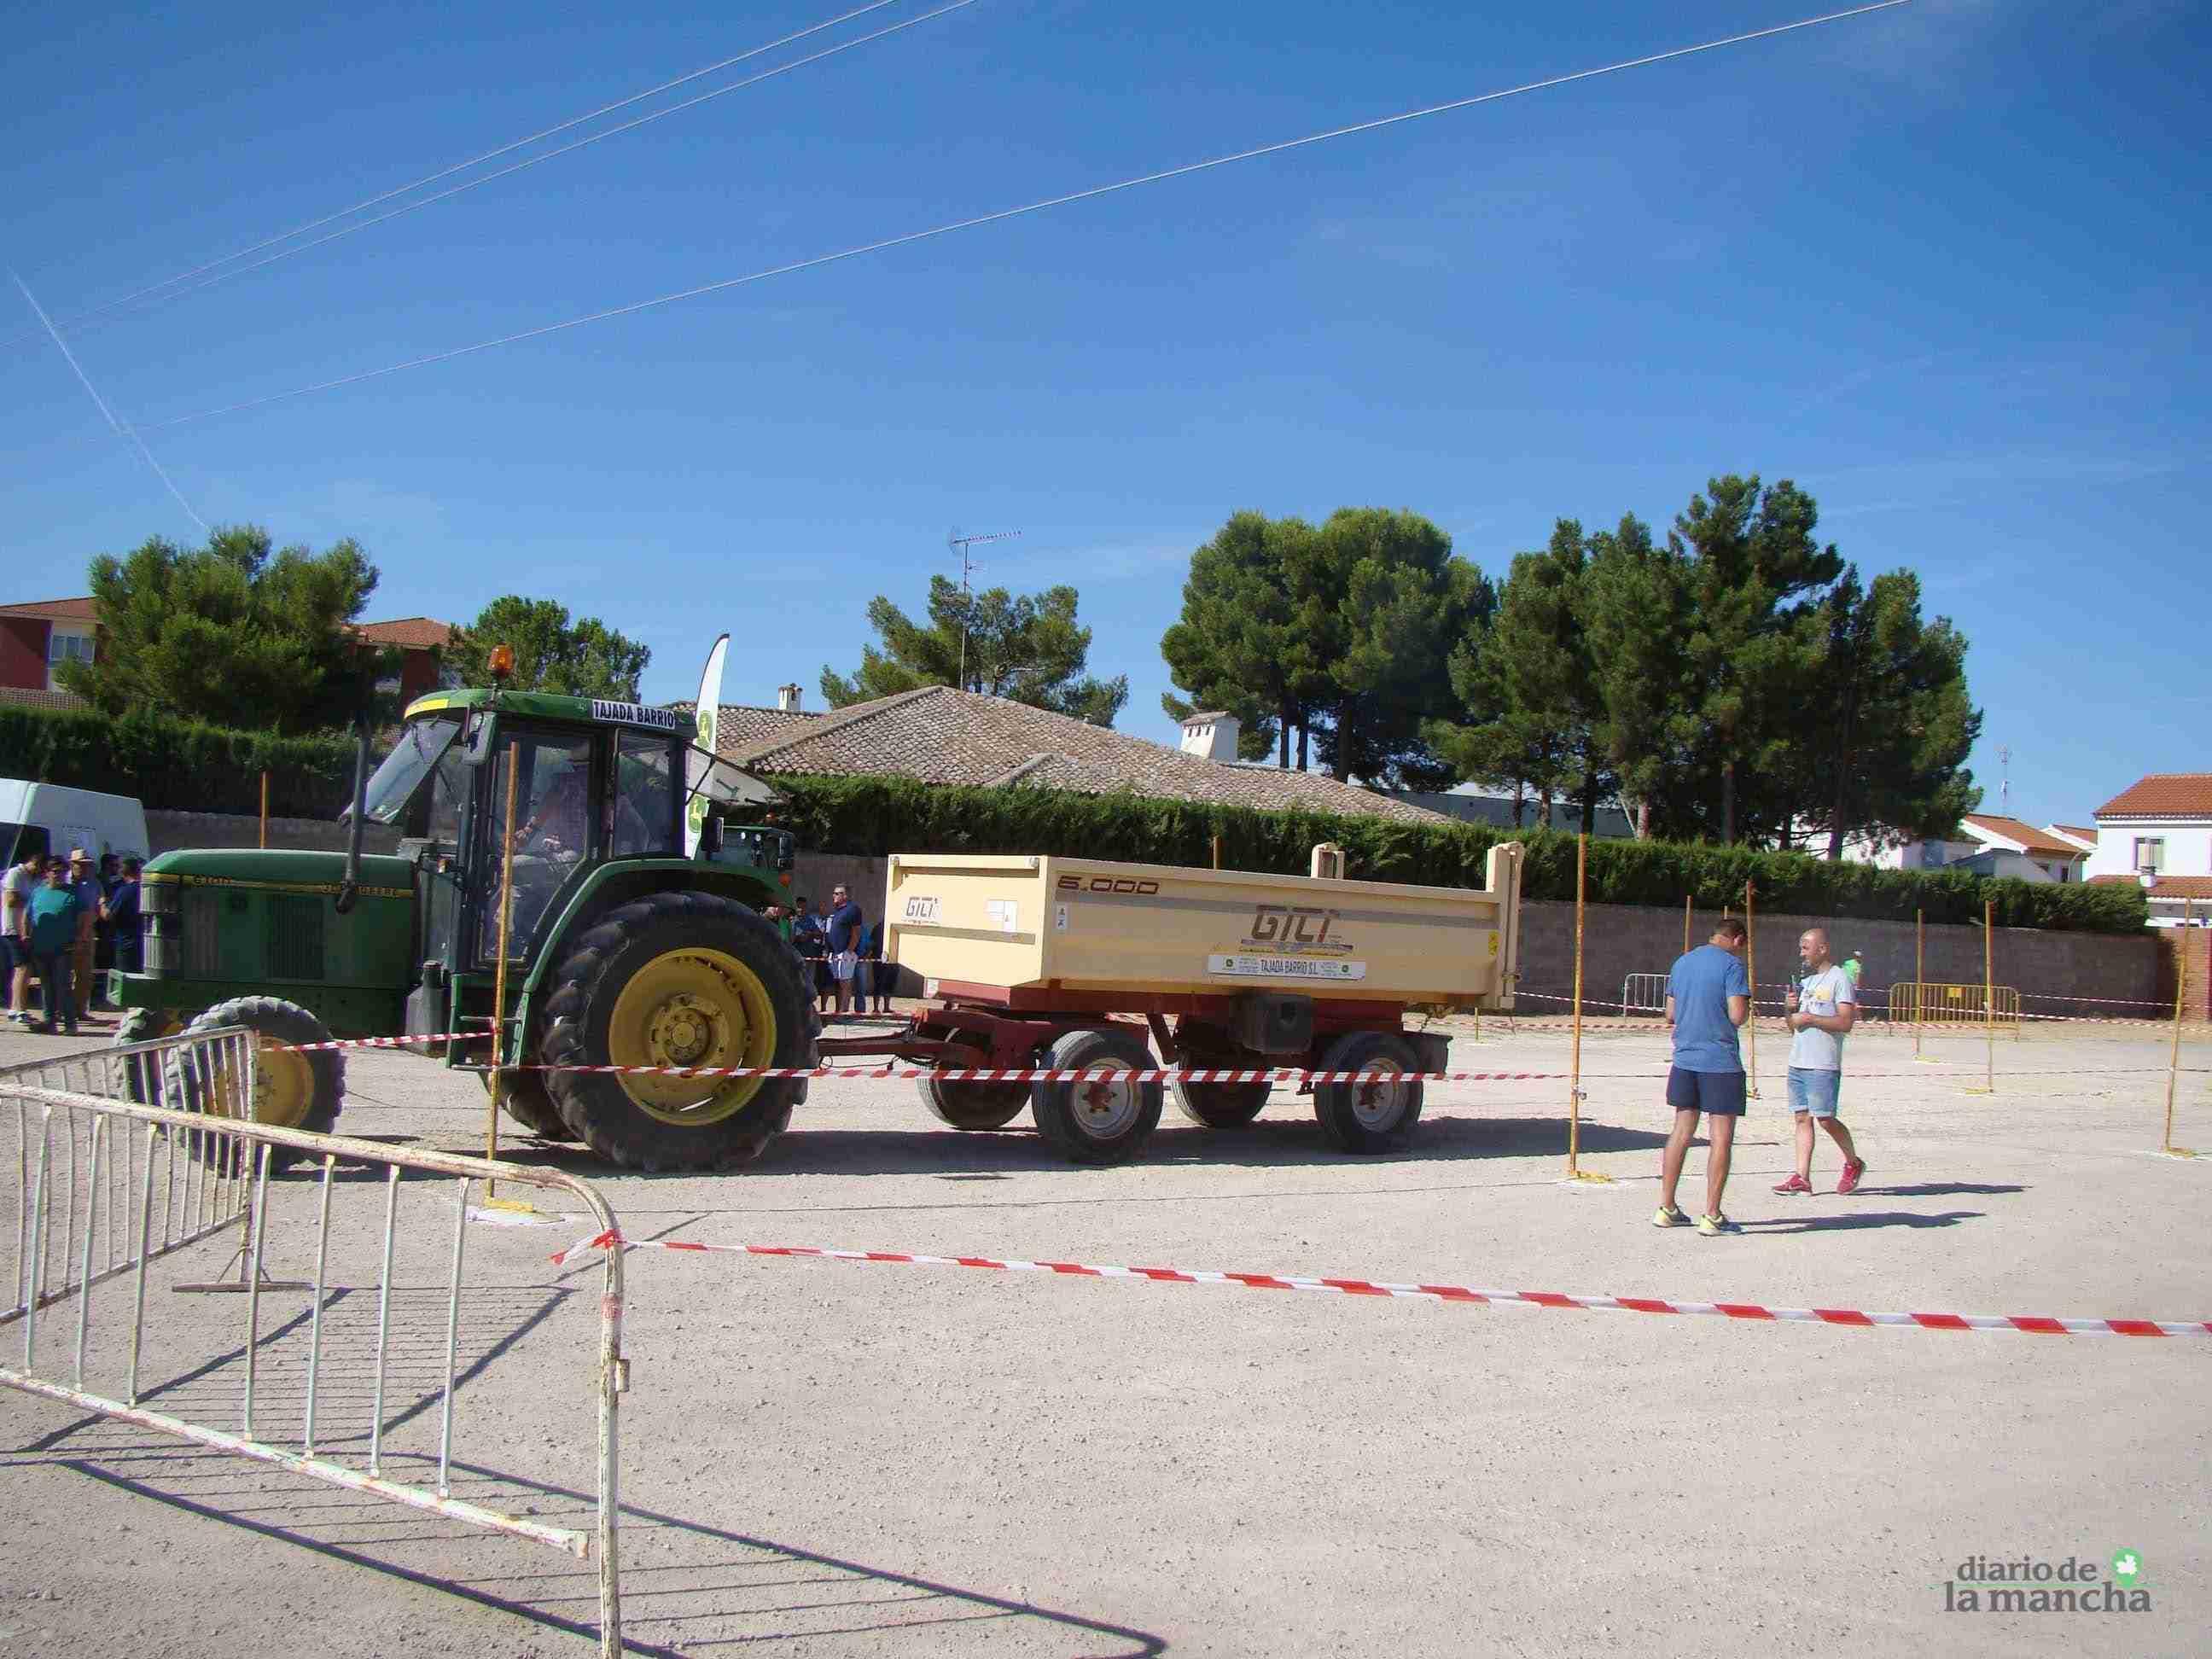 Quintanar celebra su XXVI Concurso Comarcal de Habilidad con Tractor con gran participación 6